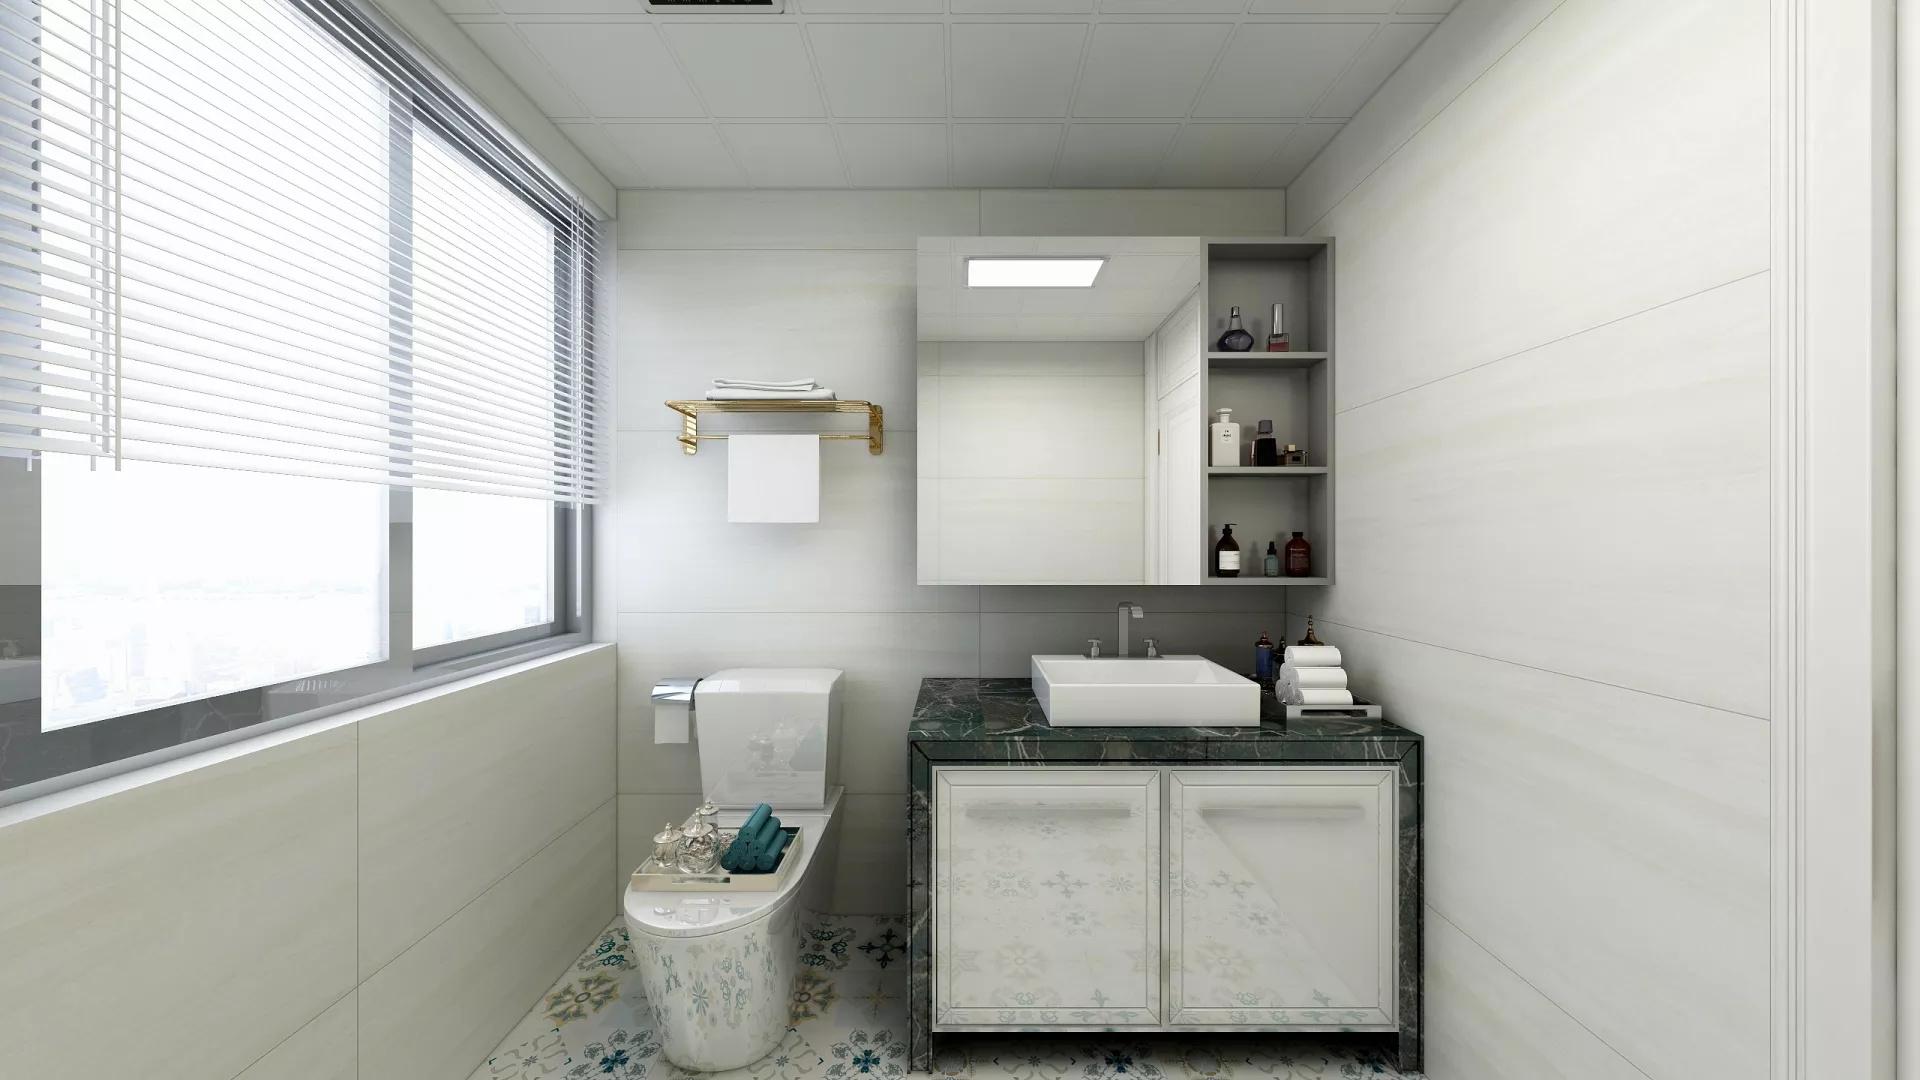 开放式厨房地面装修用什么瓷砖好呢?